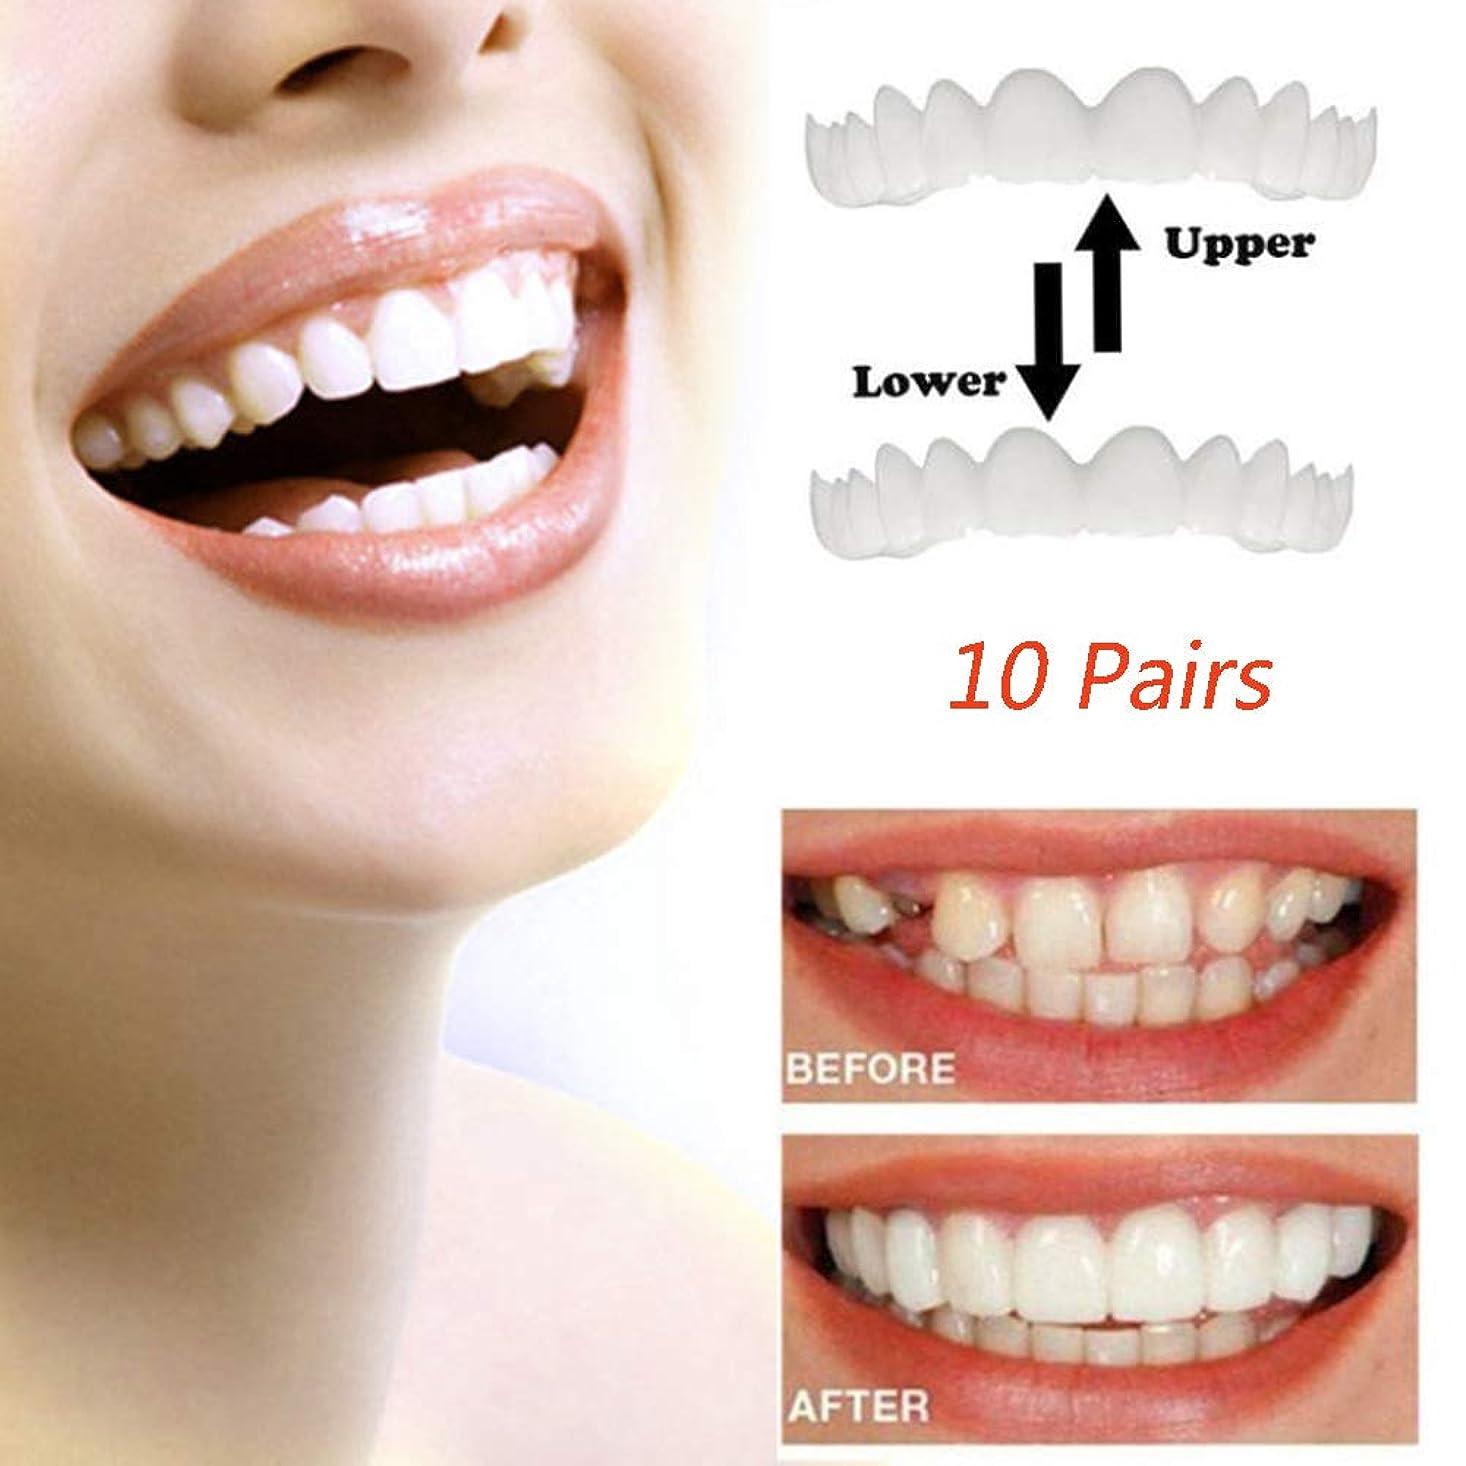 驚き海洋氏プロの笑顔仮歯キット10ペア上下の歯の化粧品のベニヤ自信を持って笑顔の快適さフレックスパーフェクトベニヤワンサイズフィット